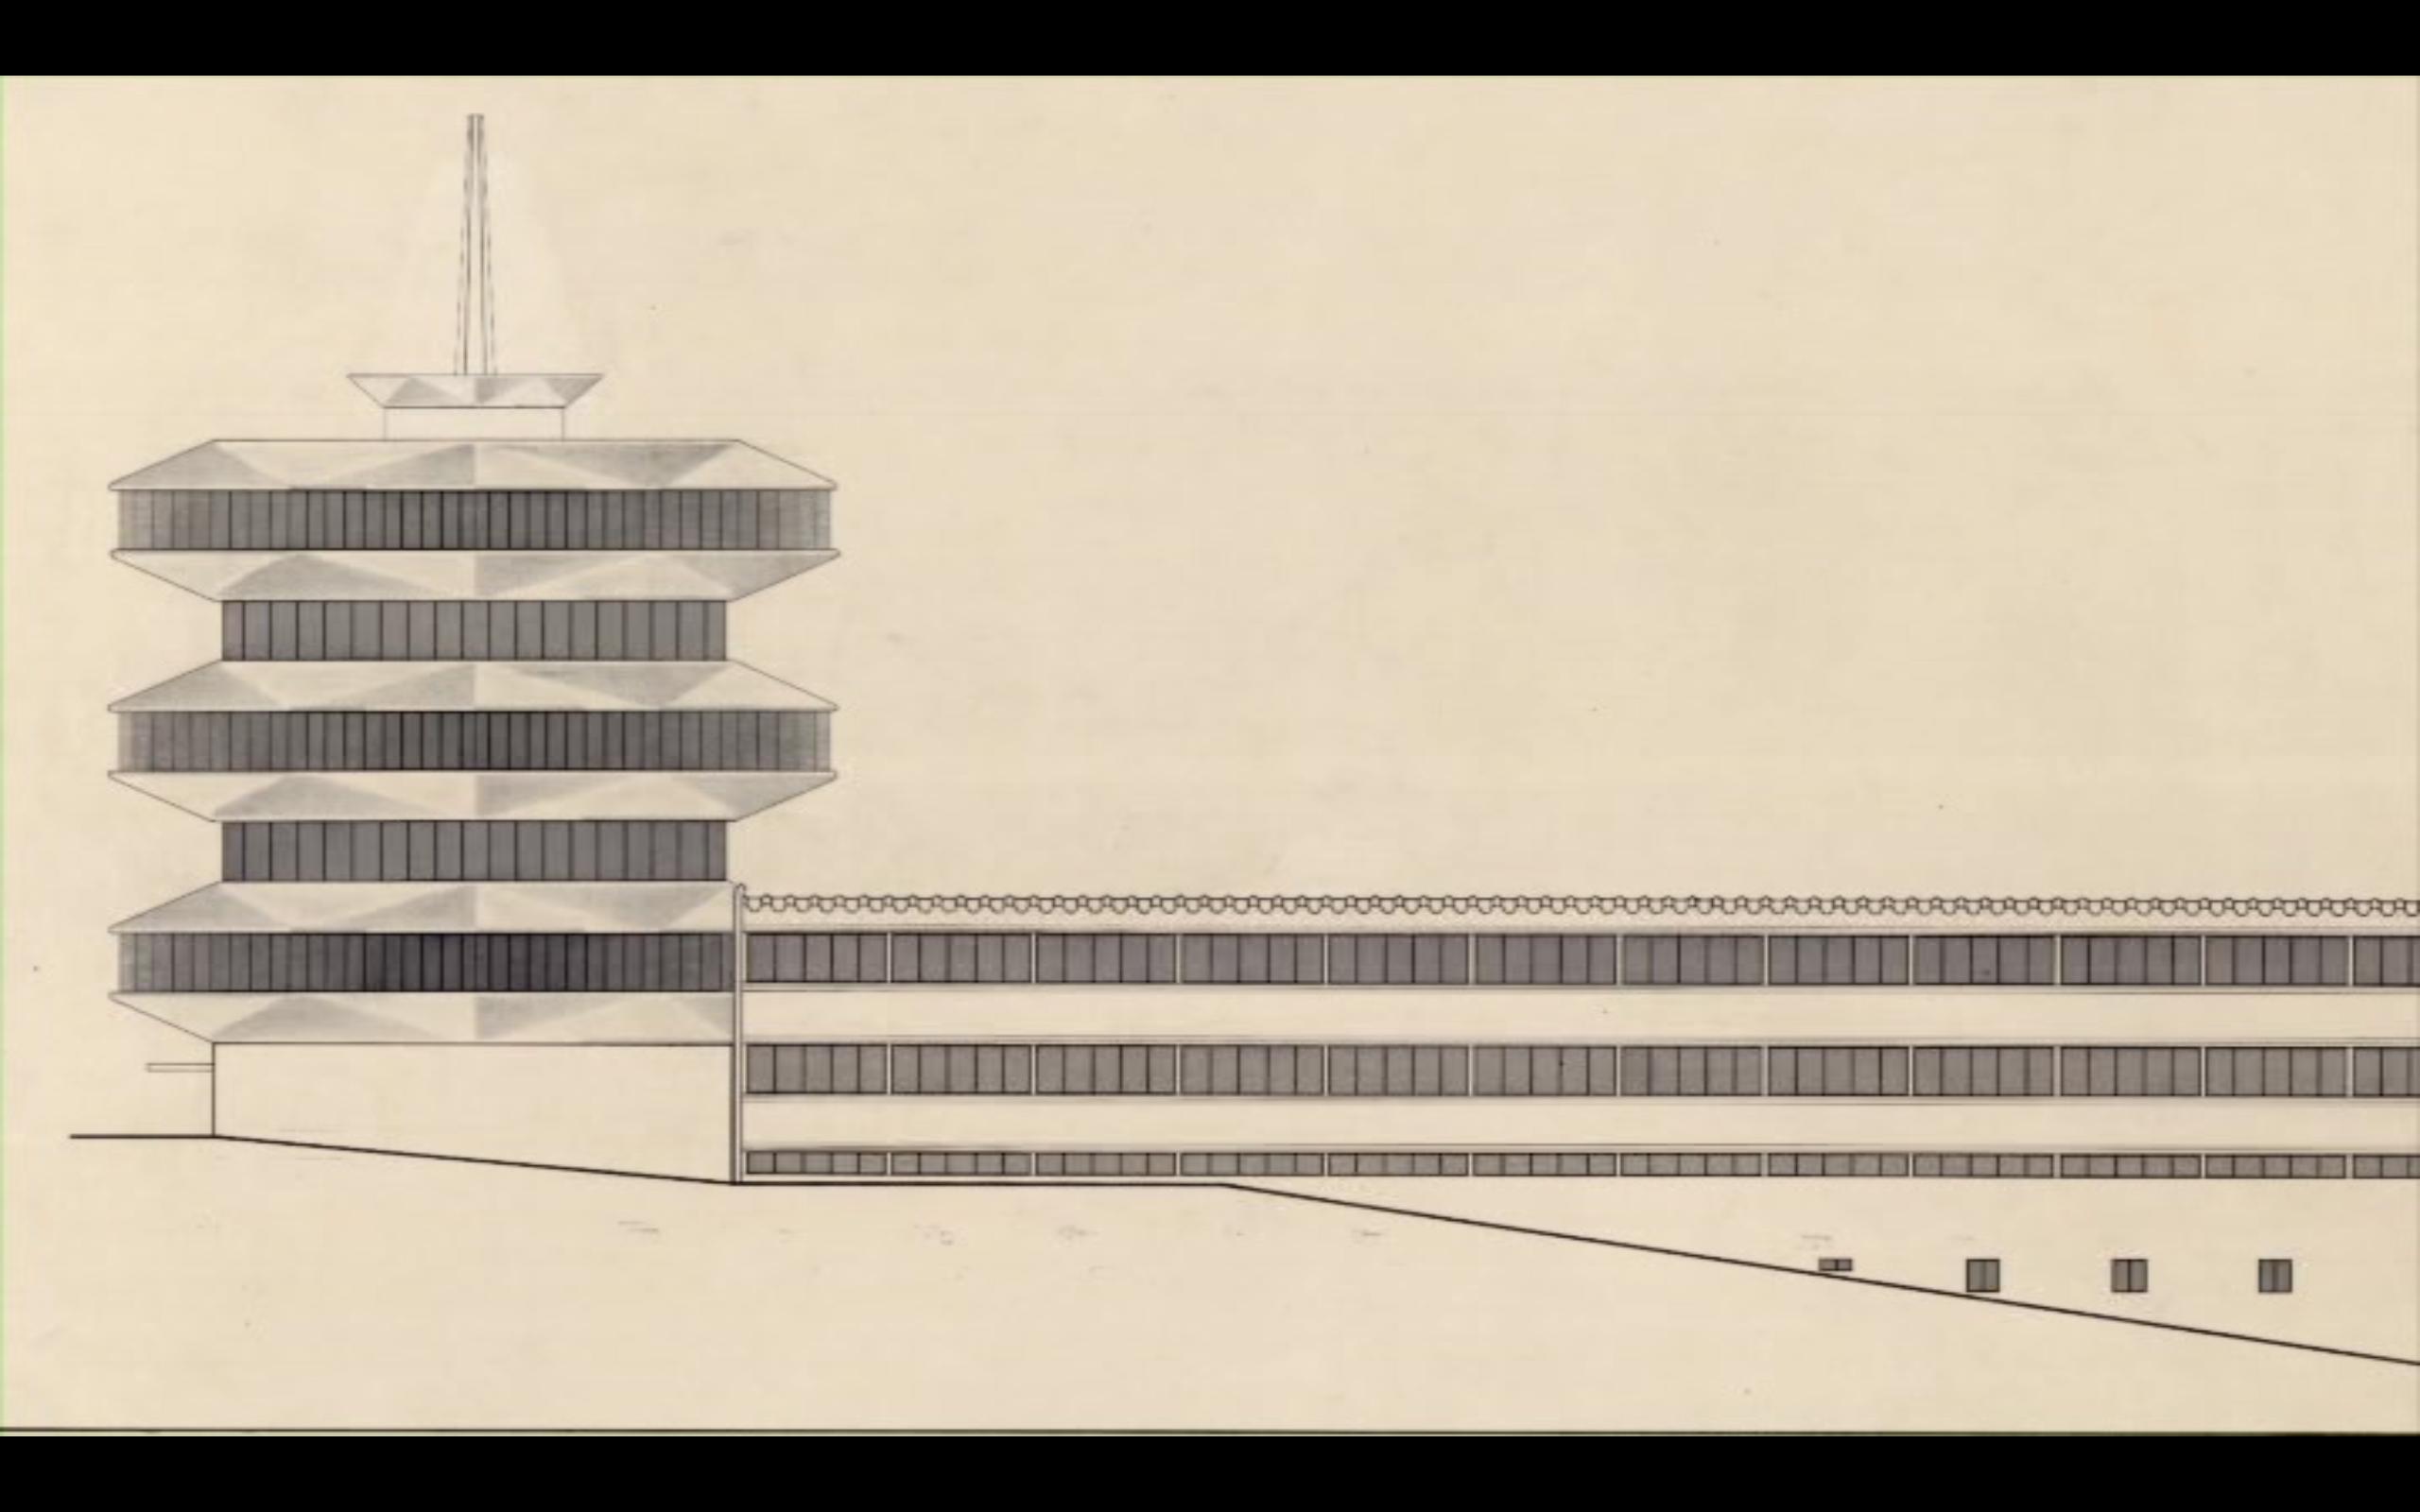 expo centrocentro sobre arquitectura madrileña